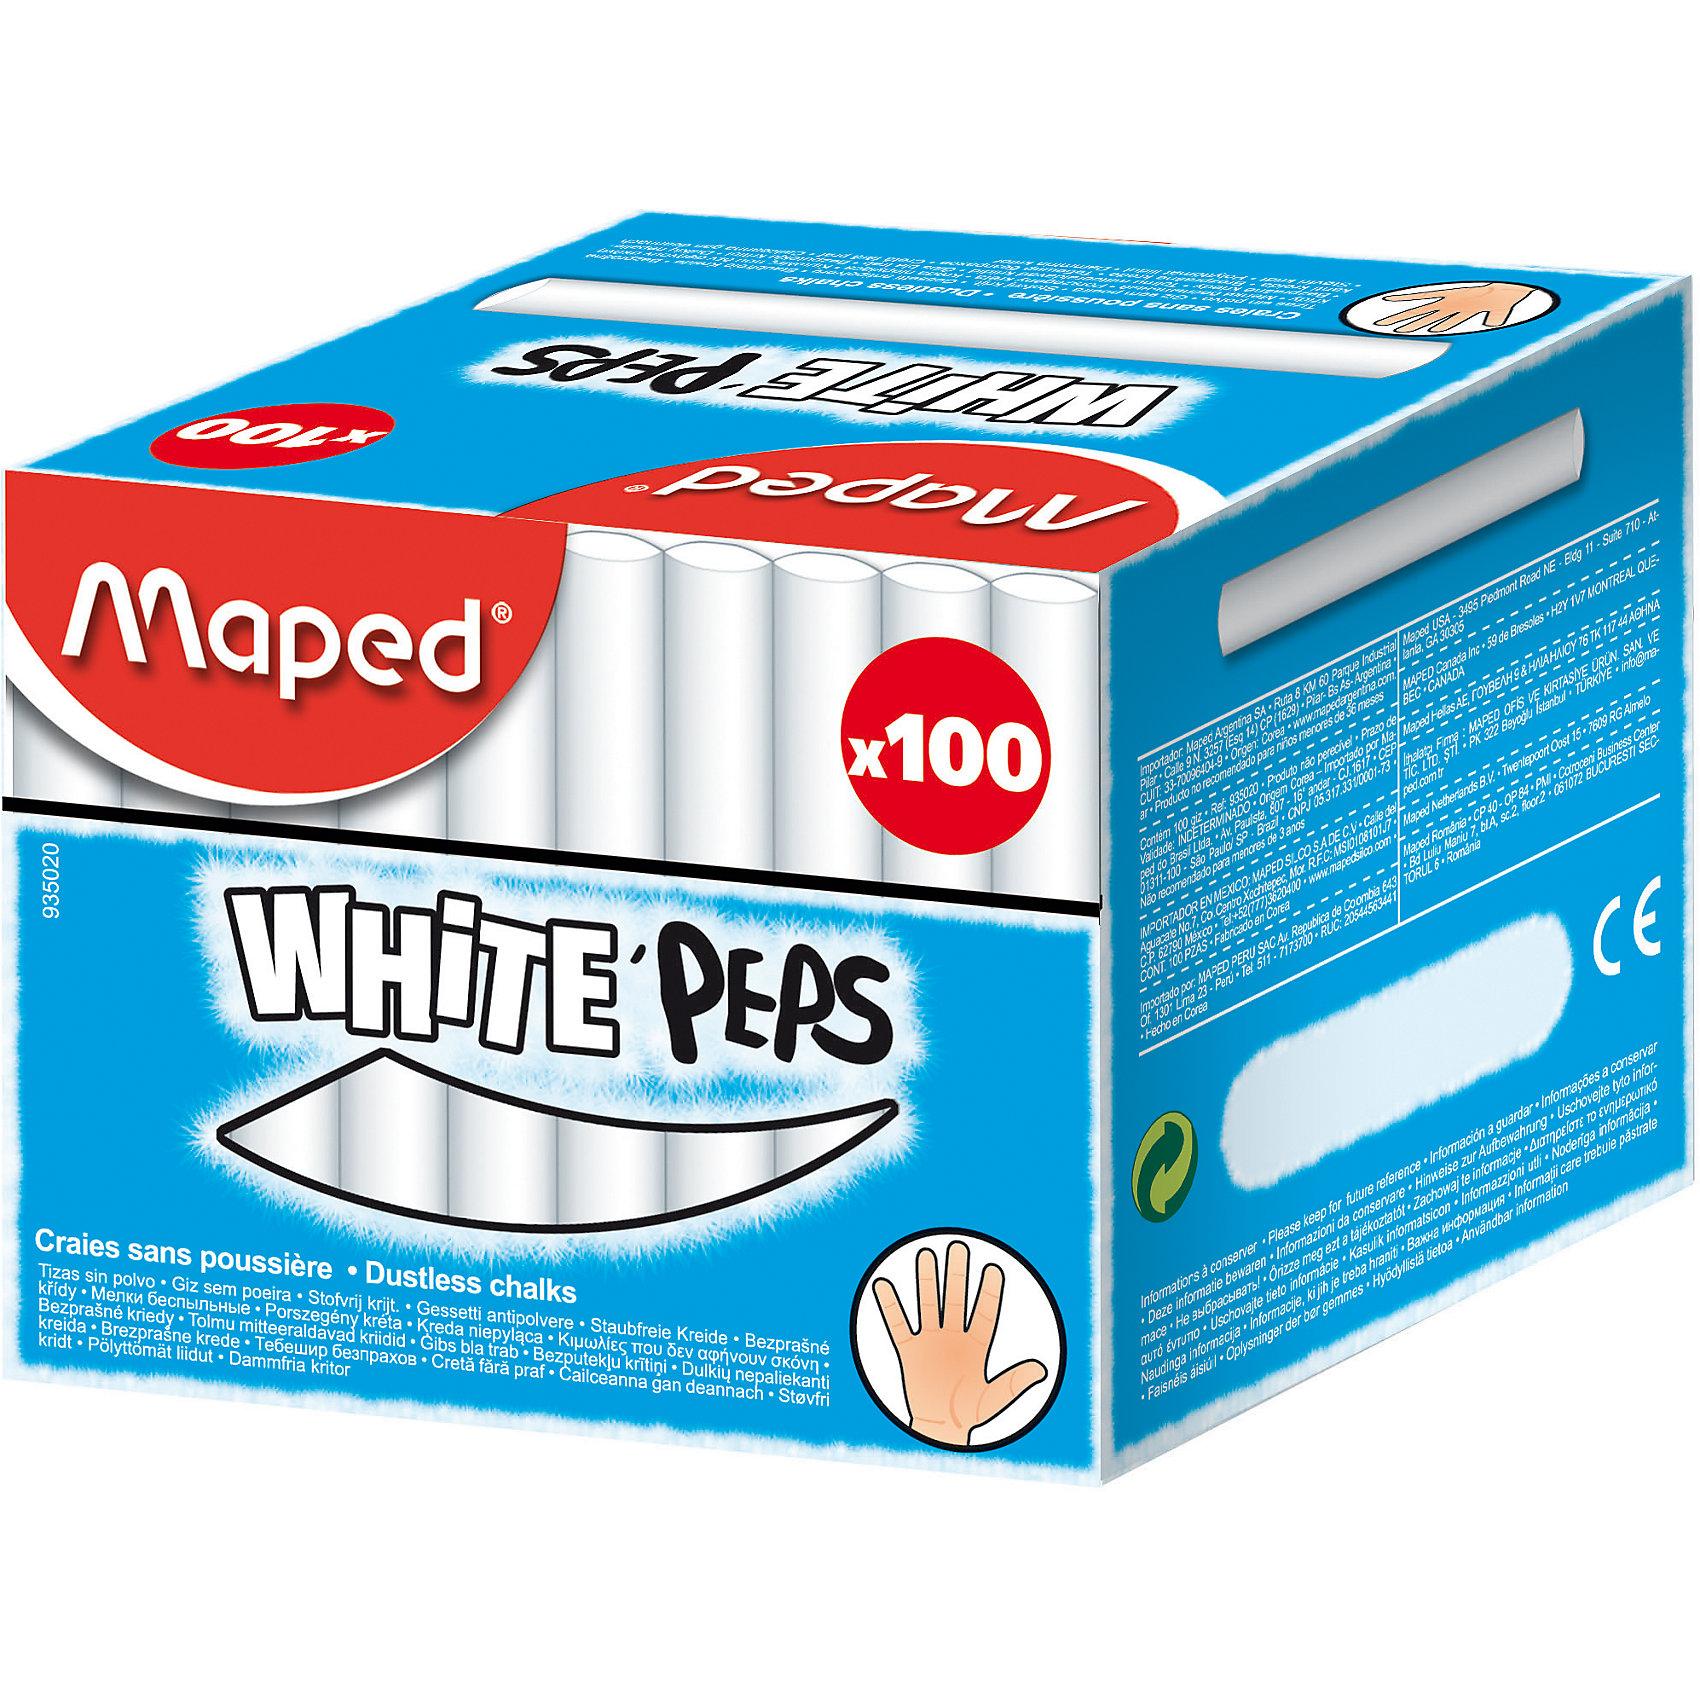 Мел WHITEPEPS белый, для детей, 100шт., MAPEDМелки для асфальта<br>Мел WHITEPEPS белый, для детей, 100шт., MAPED (МАПЕД).<br><br>Характеристики:<br><br>• Для детей в возрасте: от 3 лет<br>• В наборе: 100 белых мелков<br>• Длина мелка: 8 см.<br>• Диаметр мелка: 1 см.<br>• Упаковка: картонная коробка<br>• Размер упаковки: 89 х 105 х 84 мм.<br><br>Мел WHITEPEPS от MAPED (МАПЕД) отлично подойдет для дома и школы. В наборе 100 белых мелков. Мелки легко и мягко пишут, не крошатся. Не пачкают руки и оставляют минимум пыли. Круглая форма позволяет чертить и рисовать без напряжения руки. Высокая прочность и премиальное качество. Специальная формула без грязи. Товар соответствует требованиям безопасности продукции.<br><br>Мел WHITEPEPS белый, для детей, 100шт., MAPED (МАПЕД) можно купить в нашем интернет-магазине.<br><br>Ширина мм: 84<br>Глубина мм: 105<br>Высота мм: 89<br>Вес г: 1050<br>Возраст от месяцев: 36<br>Возраст до месяцев: 2147483647<br>Пол: Унисекс<br>Возраст: Детский<br>SKU: 5530044